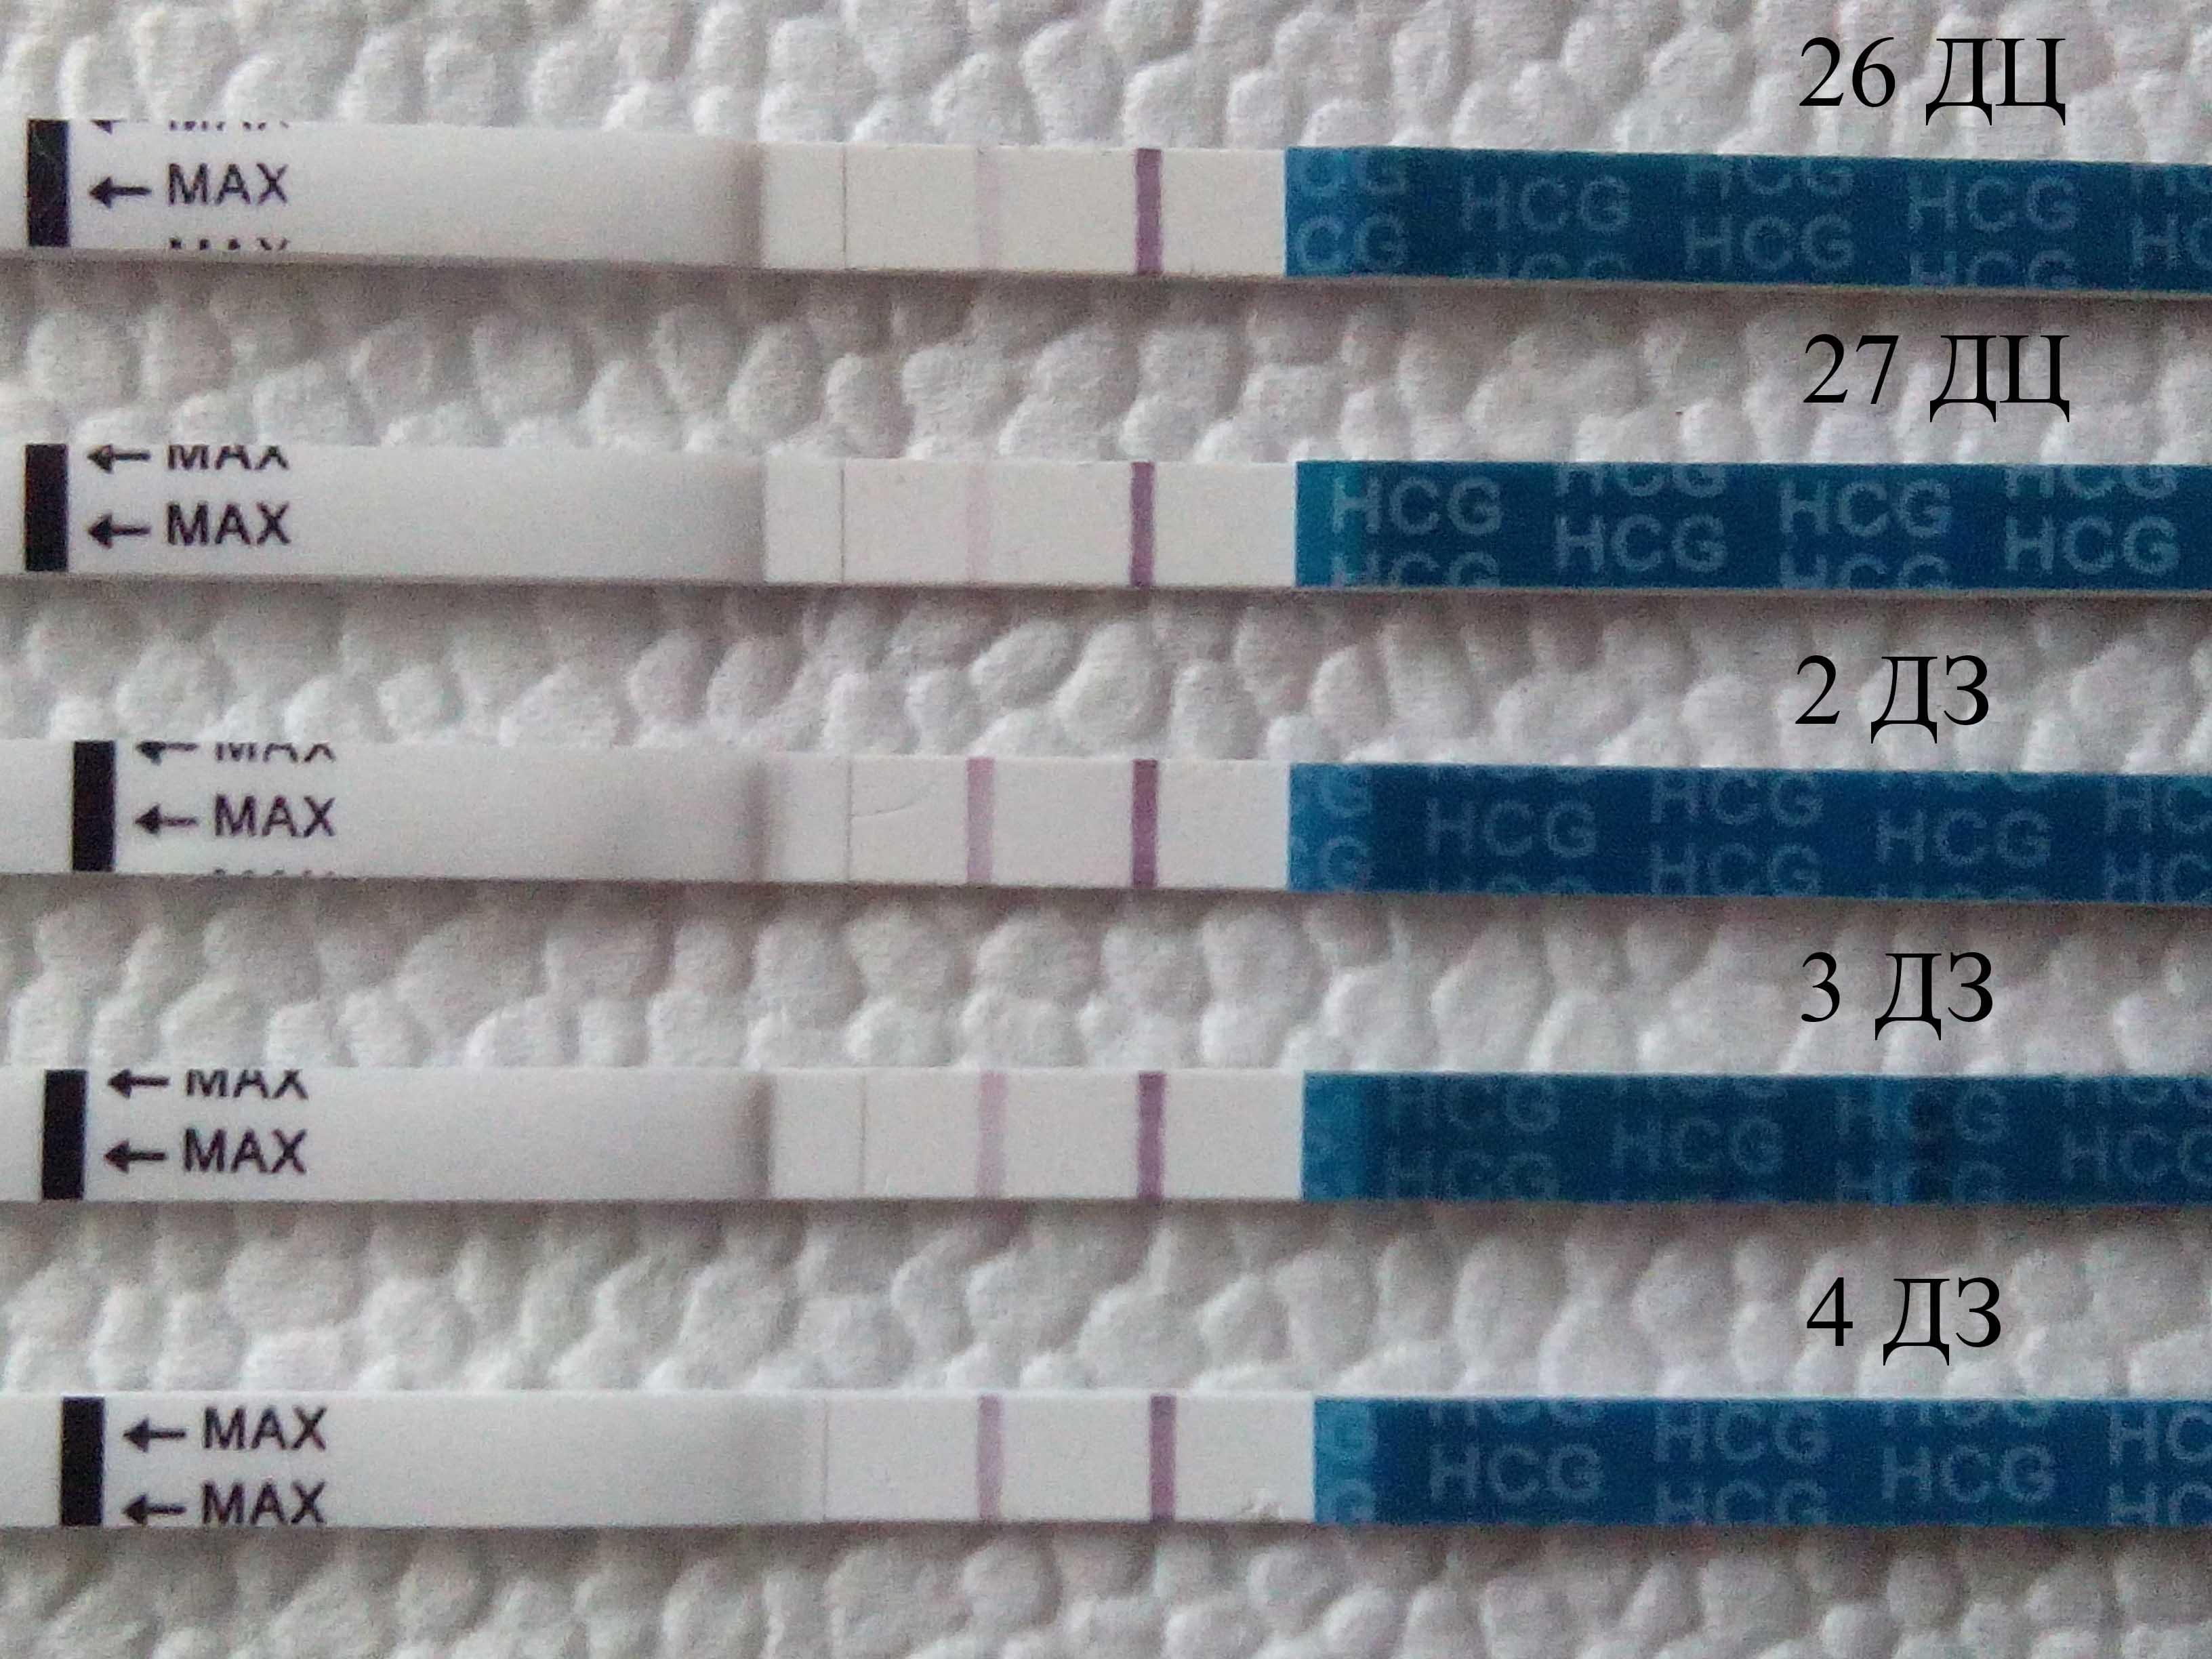 В какое время суток лучше делать тест на беременность? обязательно ли делать тест утром или можно днем, вечером или ночью? в любое ли время тест покажет правильный результат?